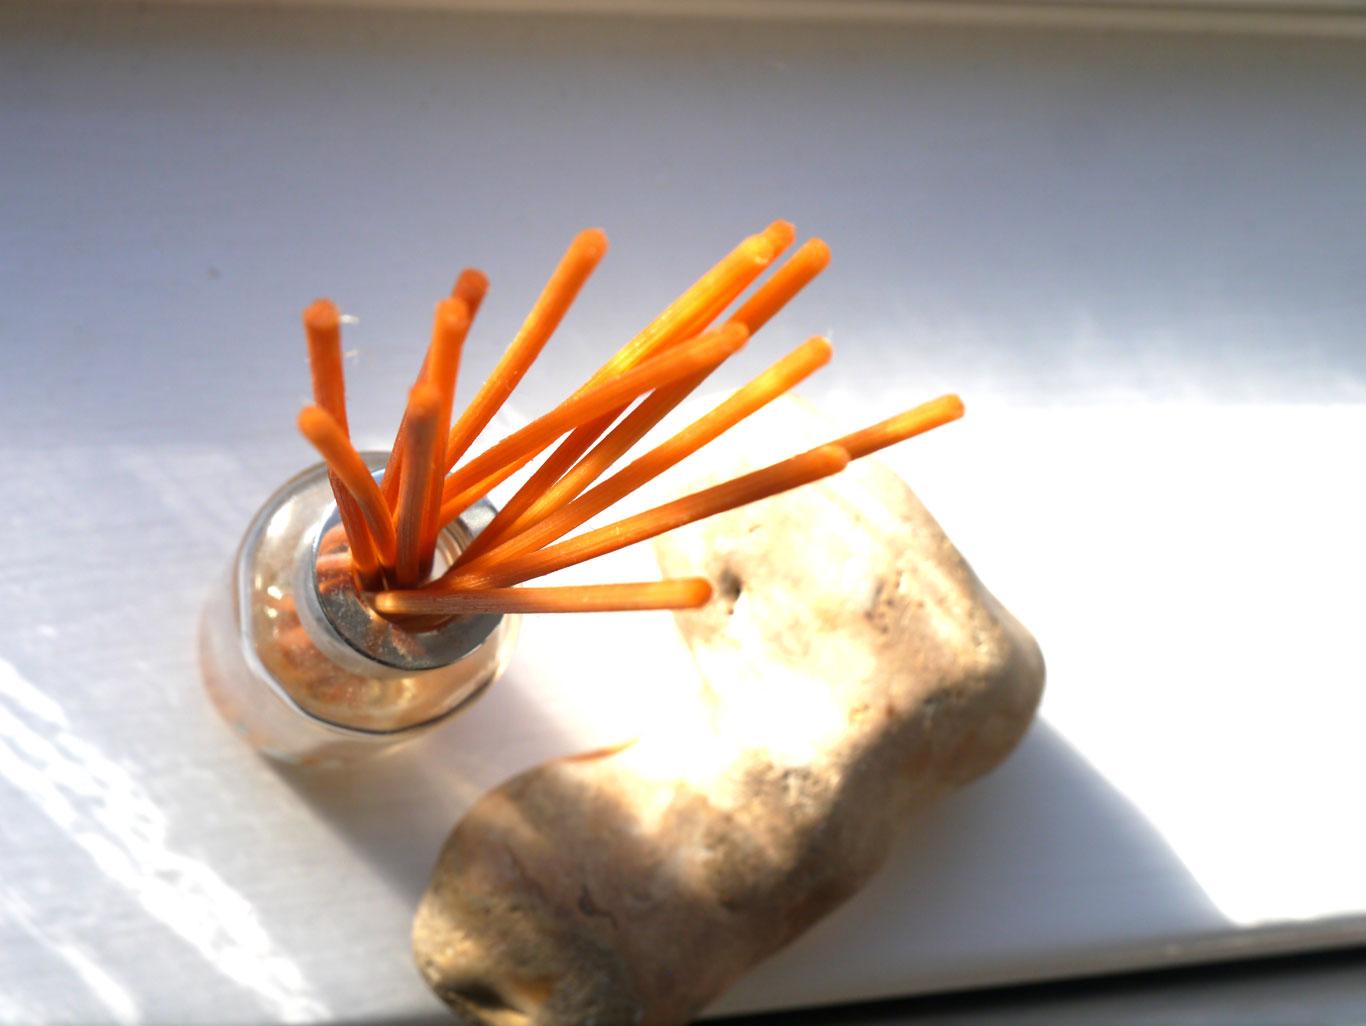 Scent sticks